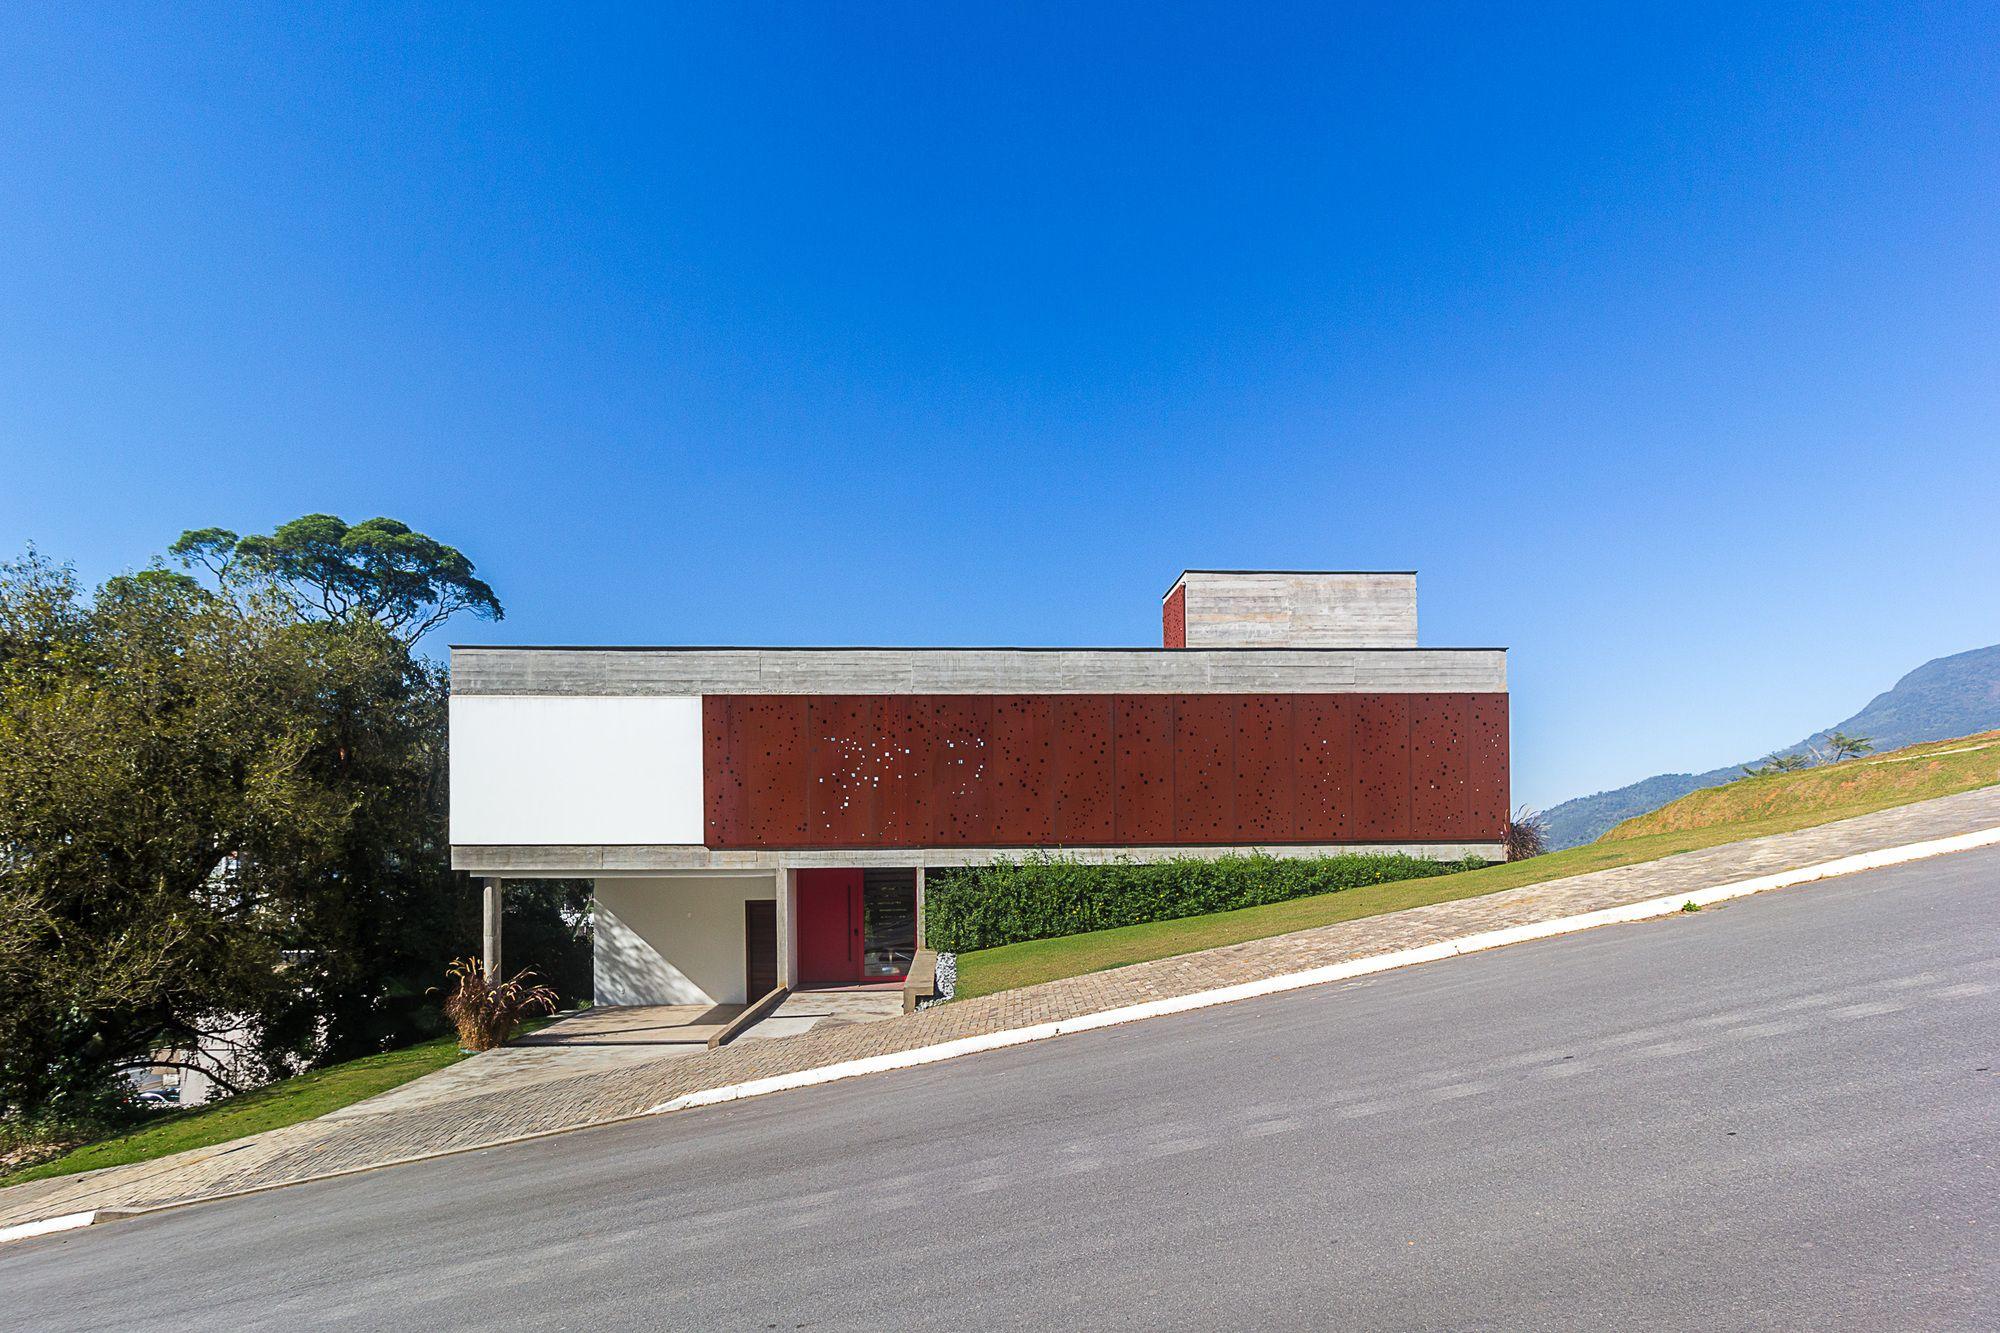 FY House / PJV Arquitetura Concrete houses, Architecture